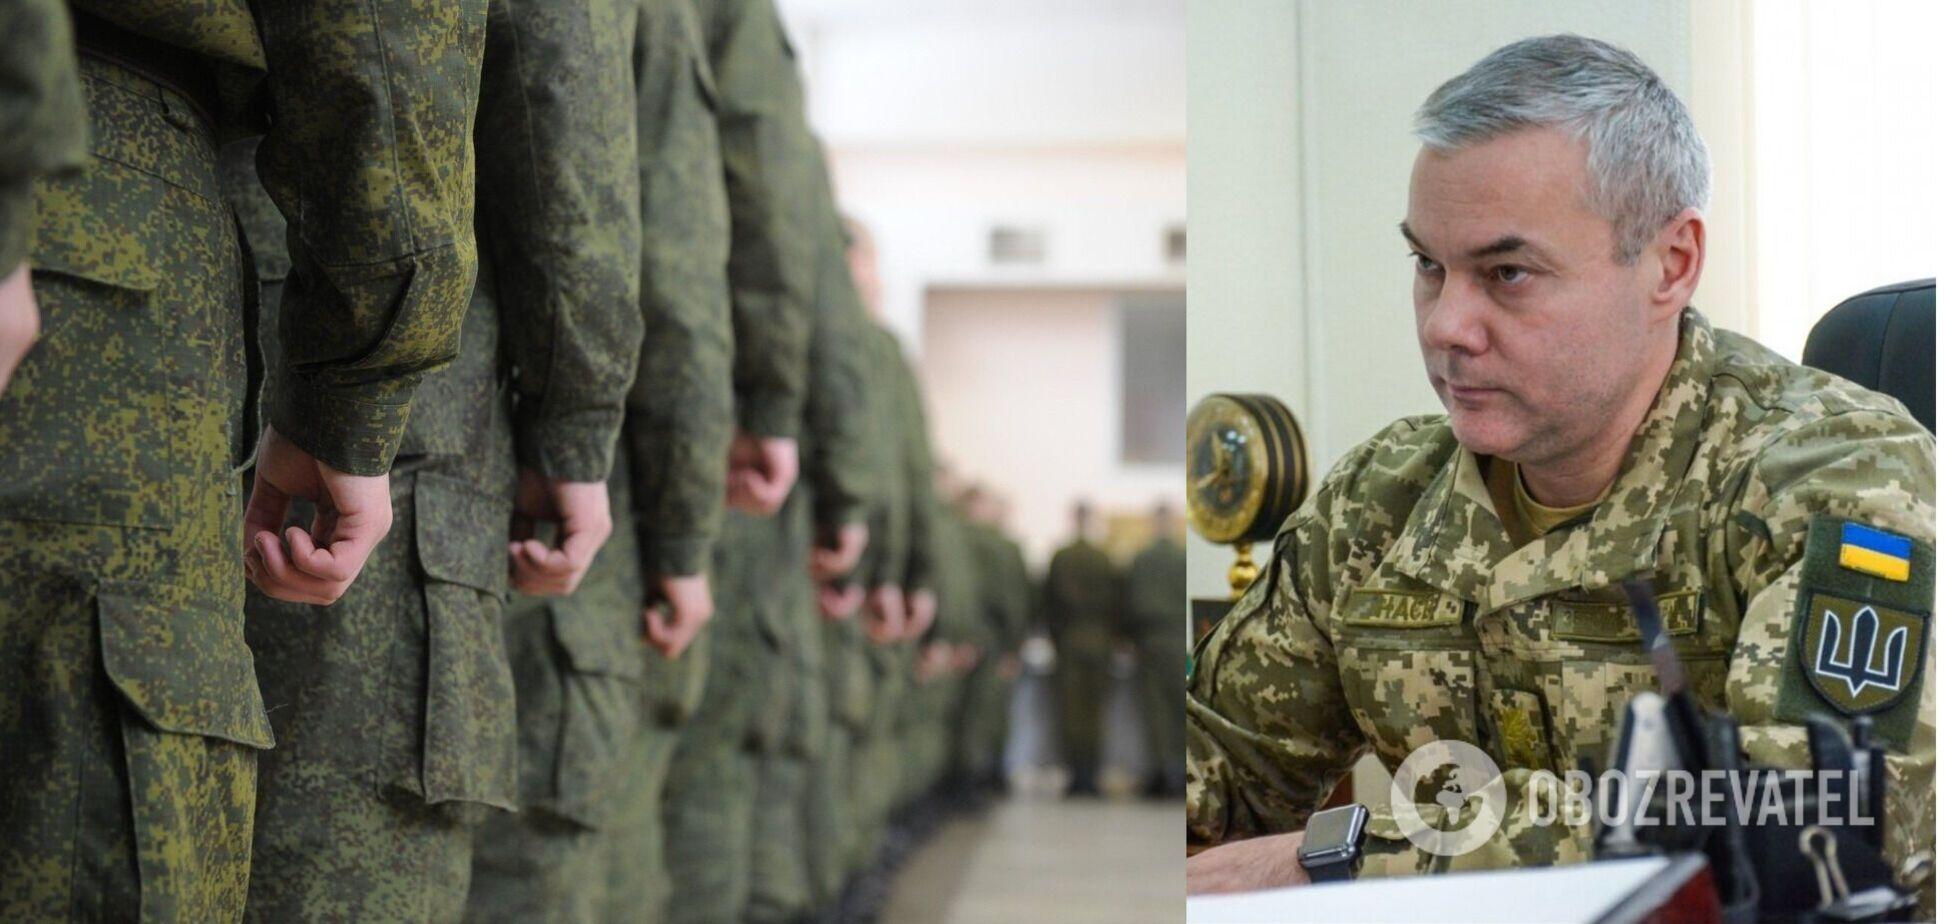 Наев: к украинской границе стянули больше 100 тысяч российских военных